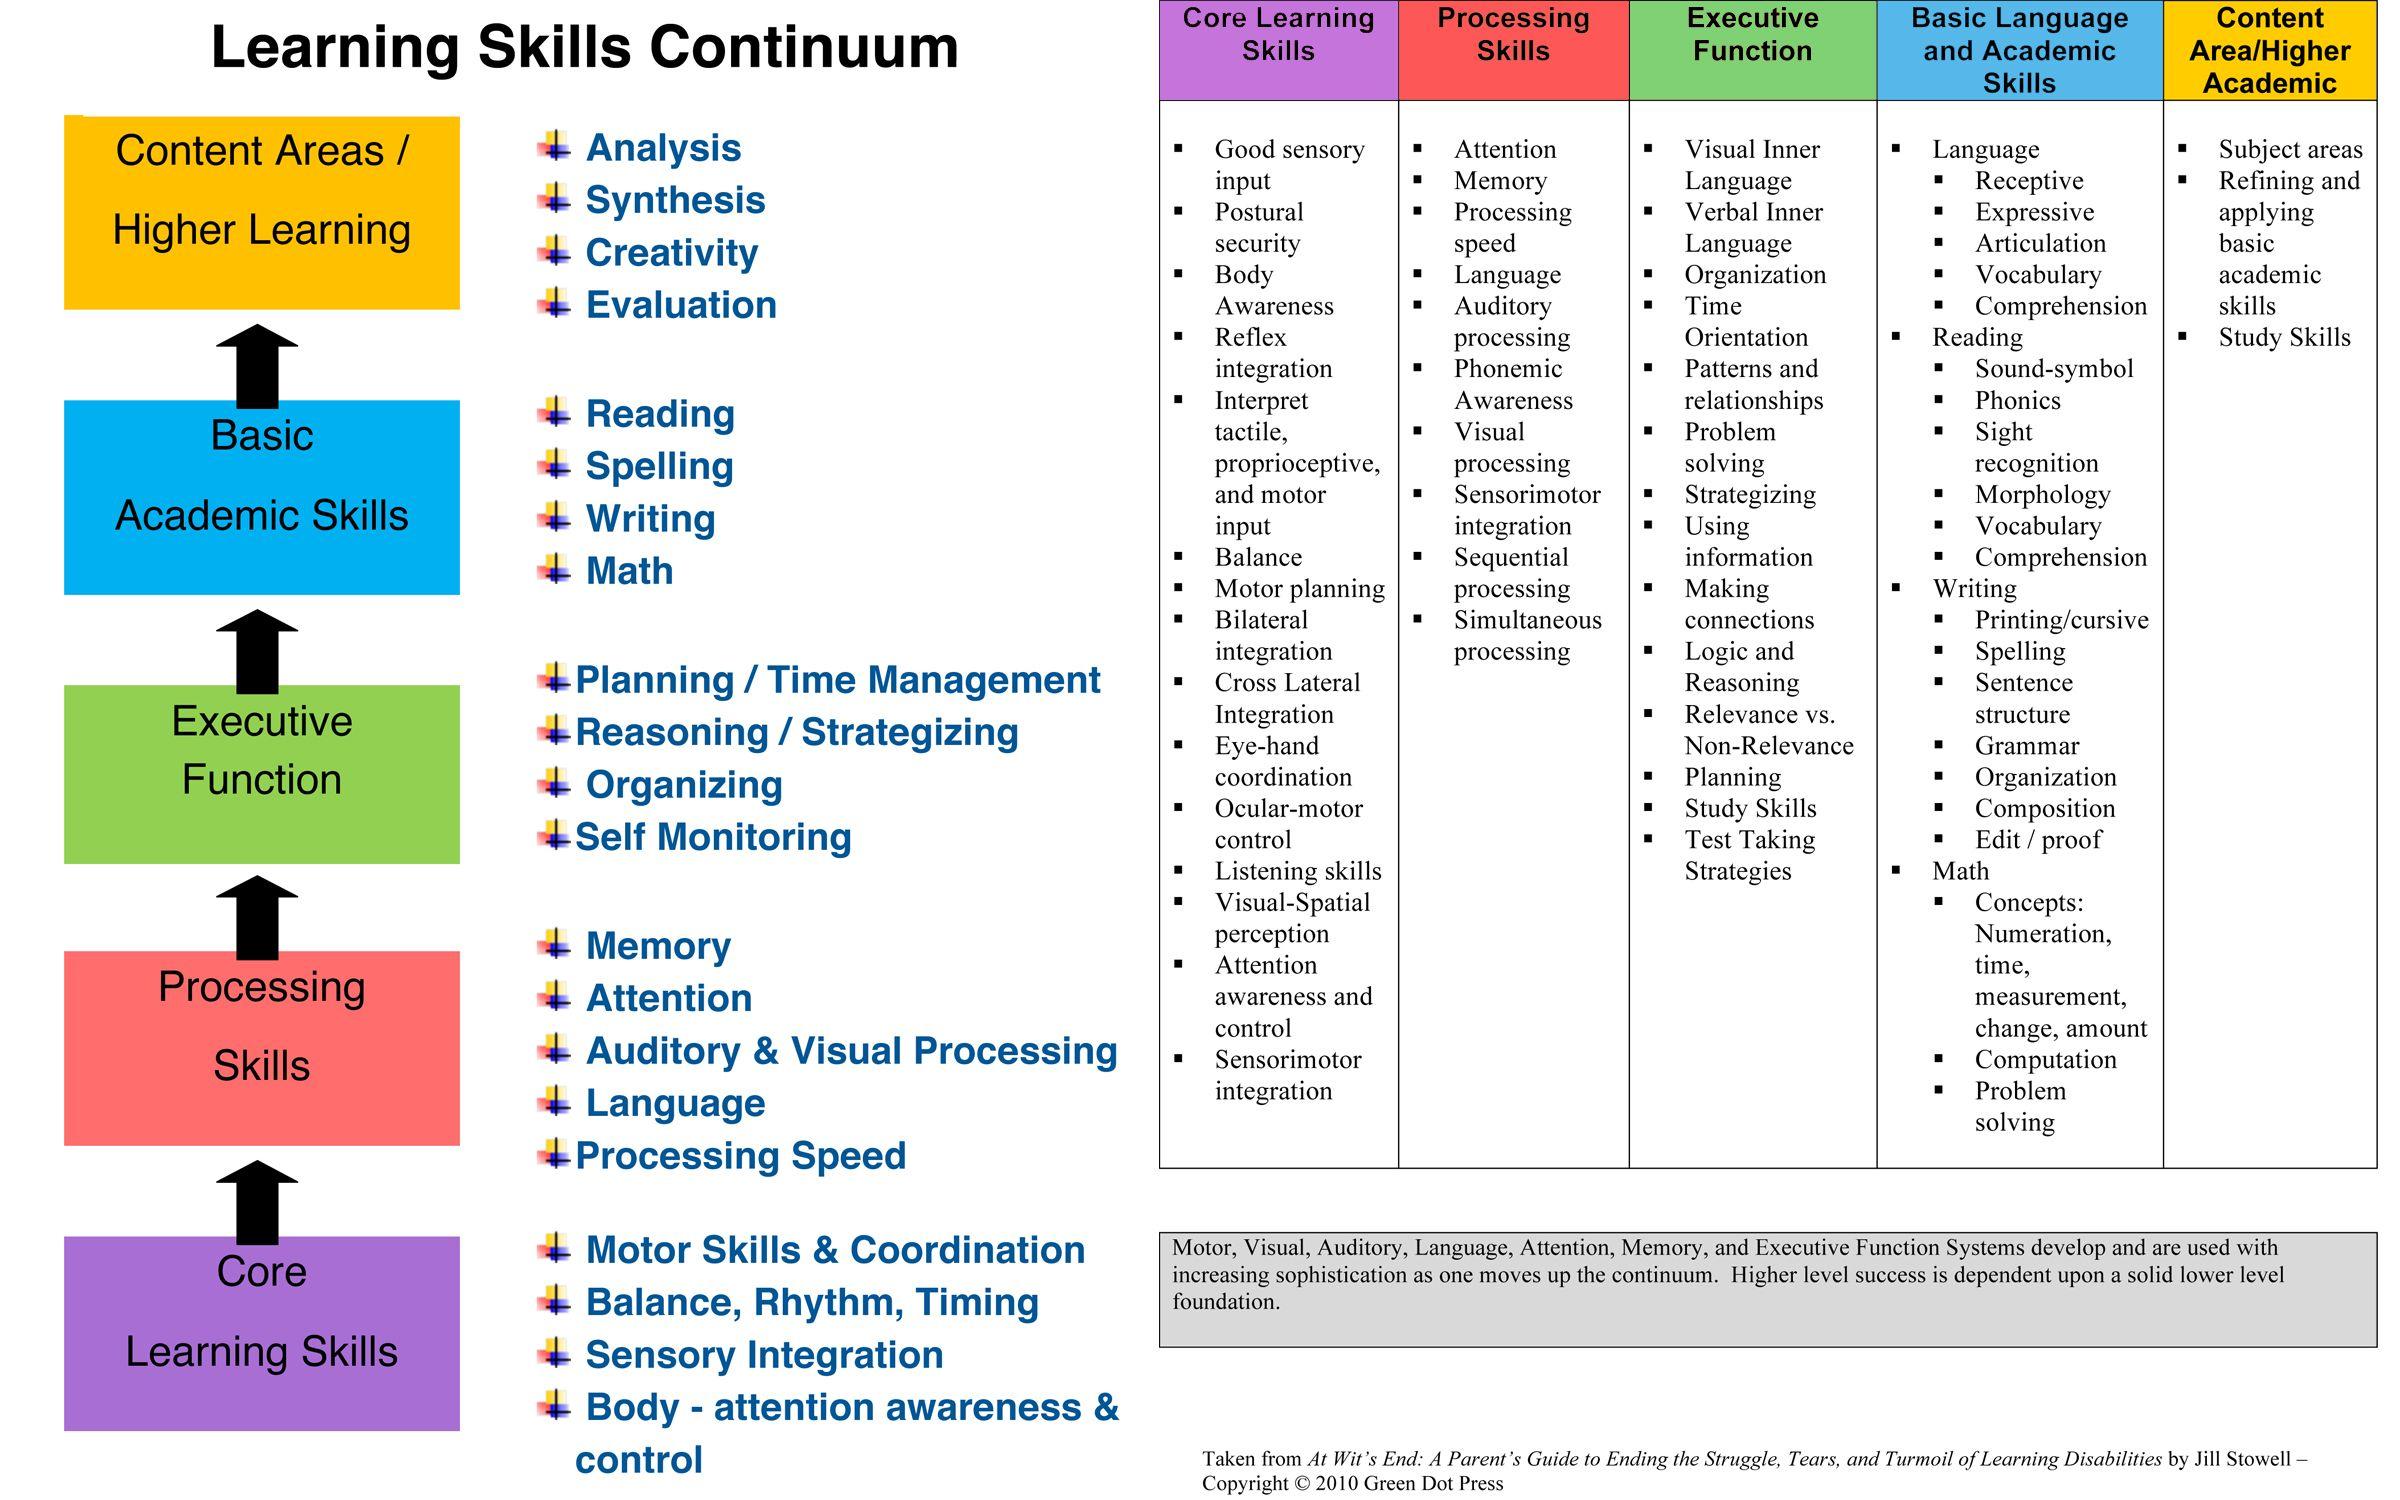 Executive Functioning Skills Continuum